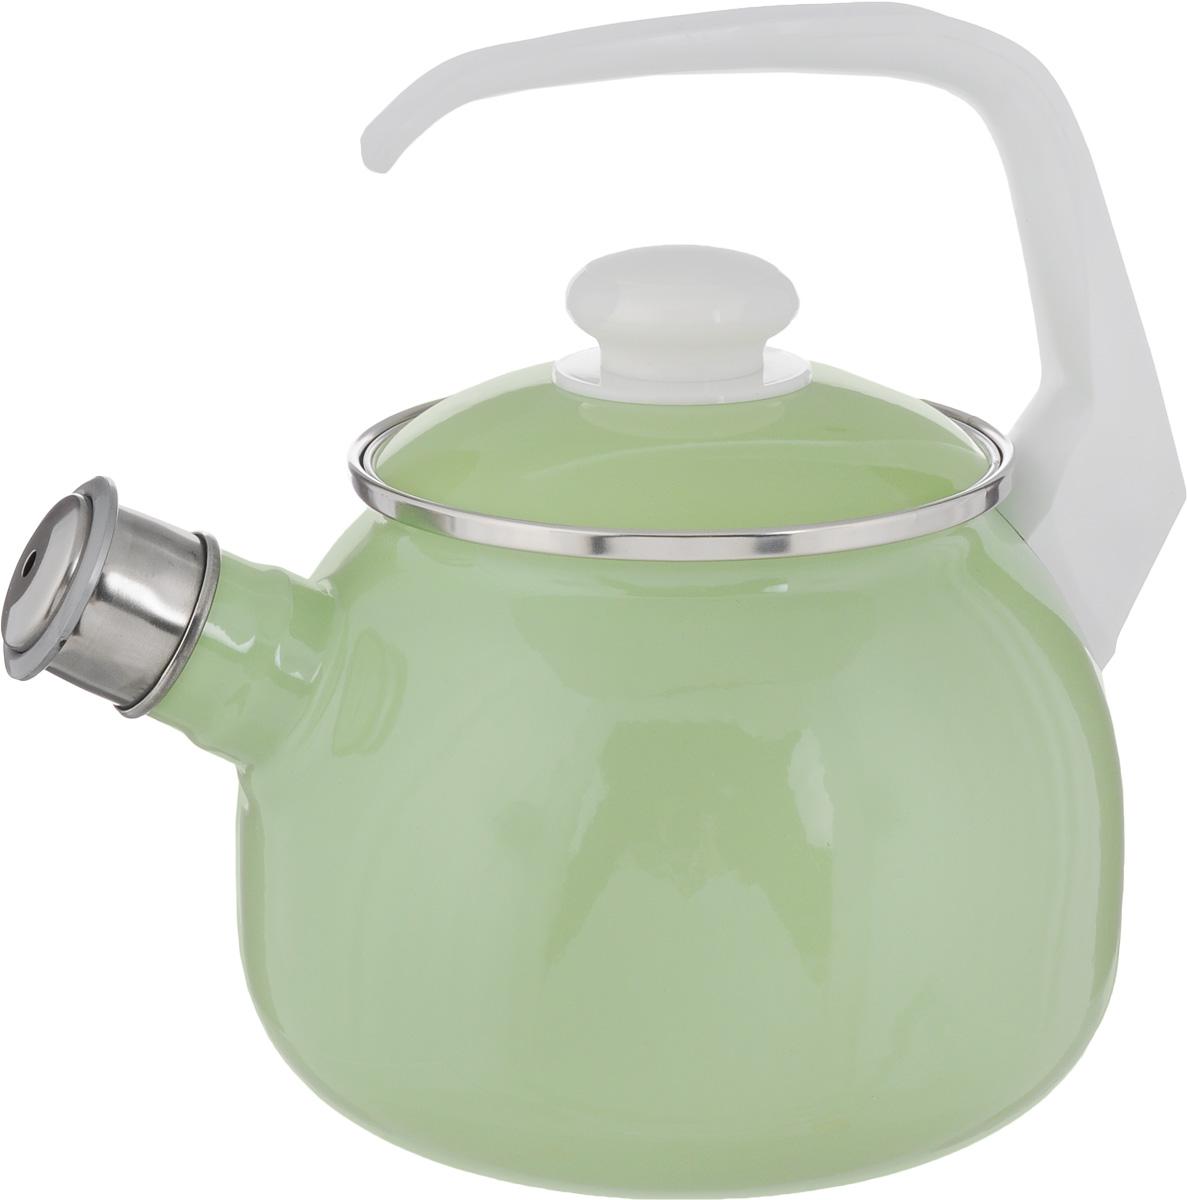 Чайник Elros Green Apple, со свистком, цвет: зеленый, 2,5 лС-2711АП/3СзлРчЧайник Elros Green Apple изготовлен из высококачественной нержавеющей стали с эмалированным покрытием. Нержавеющая сталь обладает высокой устойчивостью к коррозии, не вступает в реакцию с холодными и горячими продуктами и полностью сохраняет их вкусовые качества. Особая конструкция дна способствует высокой теплопроводности и равномерному распределению тепла. Чайник оснащен удобной ручкой. Носик чайника имеет снимающийся свисток, звуковой сигнал которого подскажет, когда закипит вода. Подходит для всех типов плит, включая индукционные. Можно мыть в посудомоечной машине. Диаметр чайника (по верхнему краю): 12,5 см. Высота чайника (без учета ручки и крышки): 13 см. Высота чайника (с учетом ручки): 23 см.